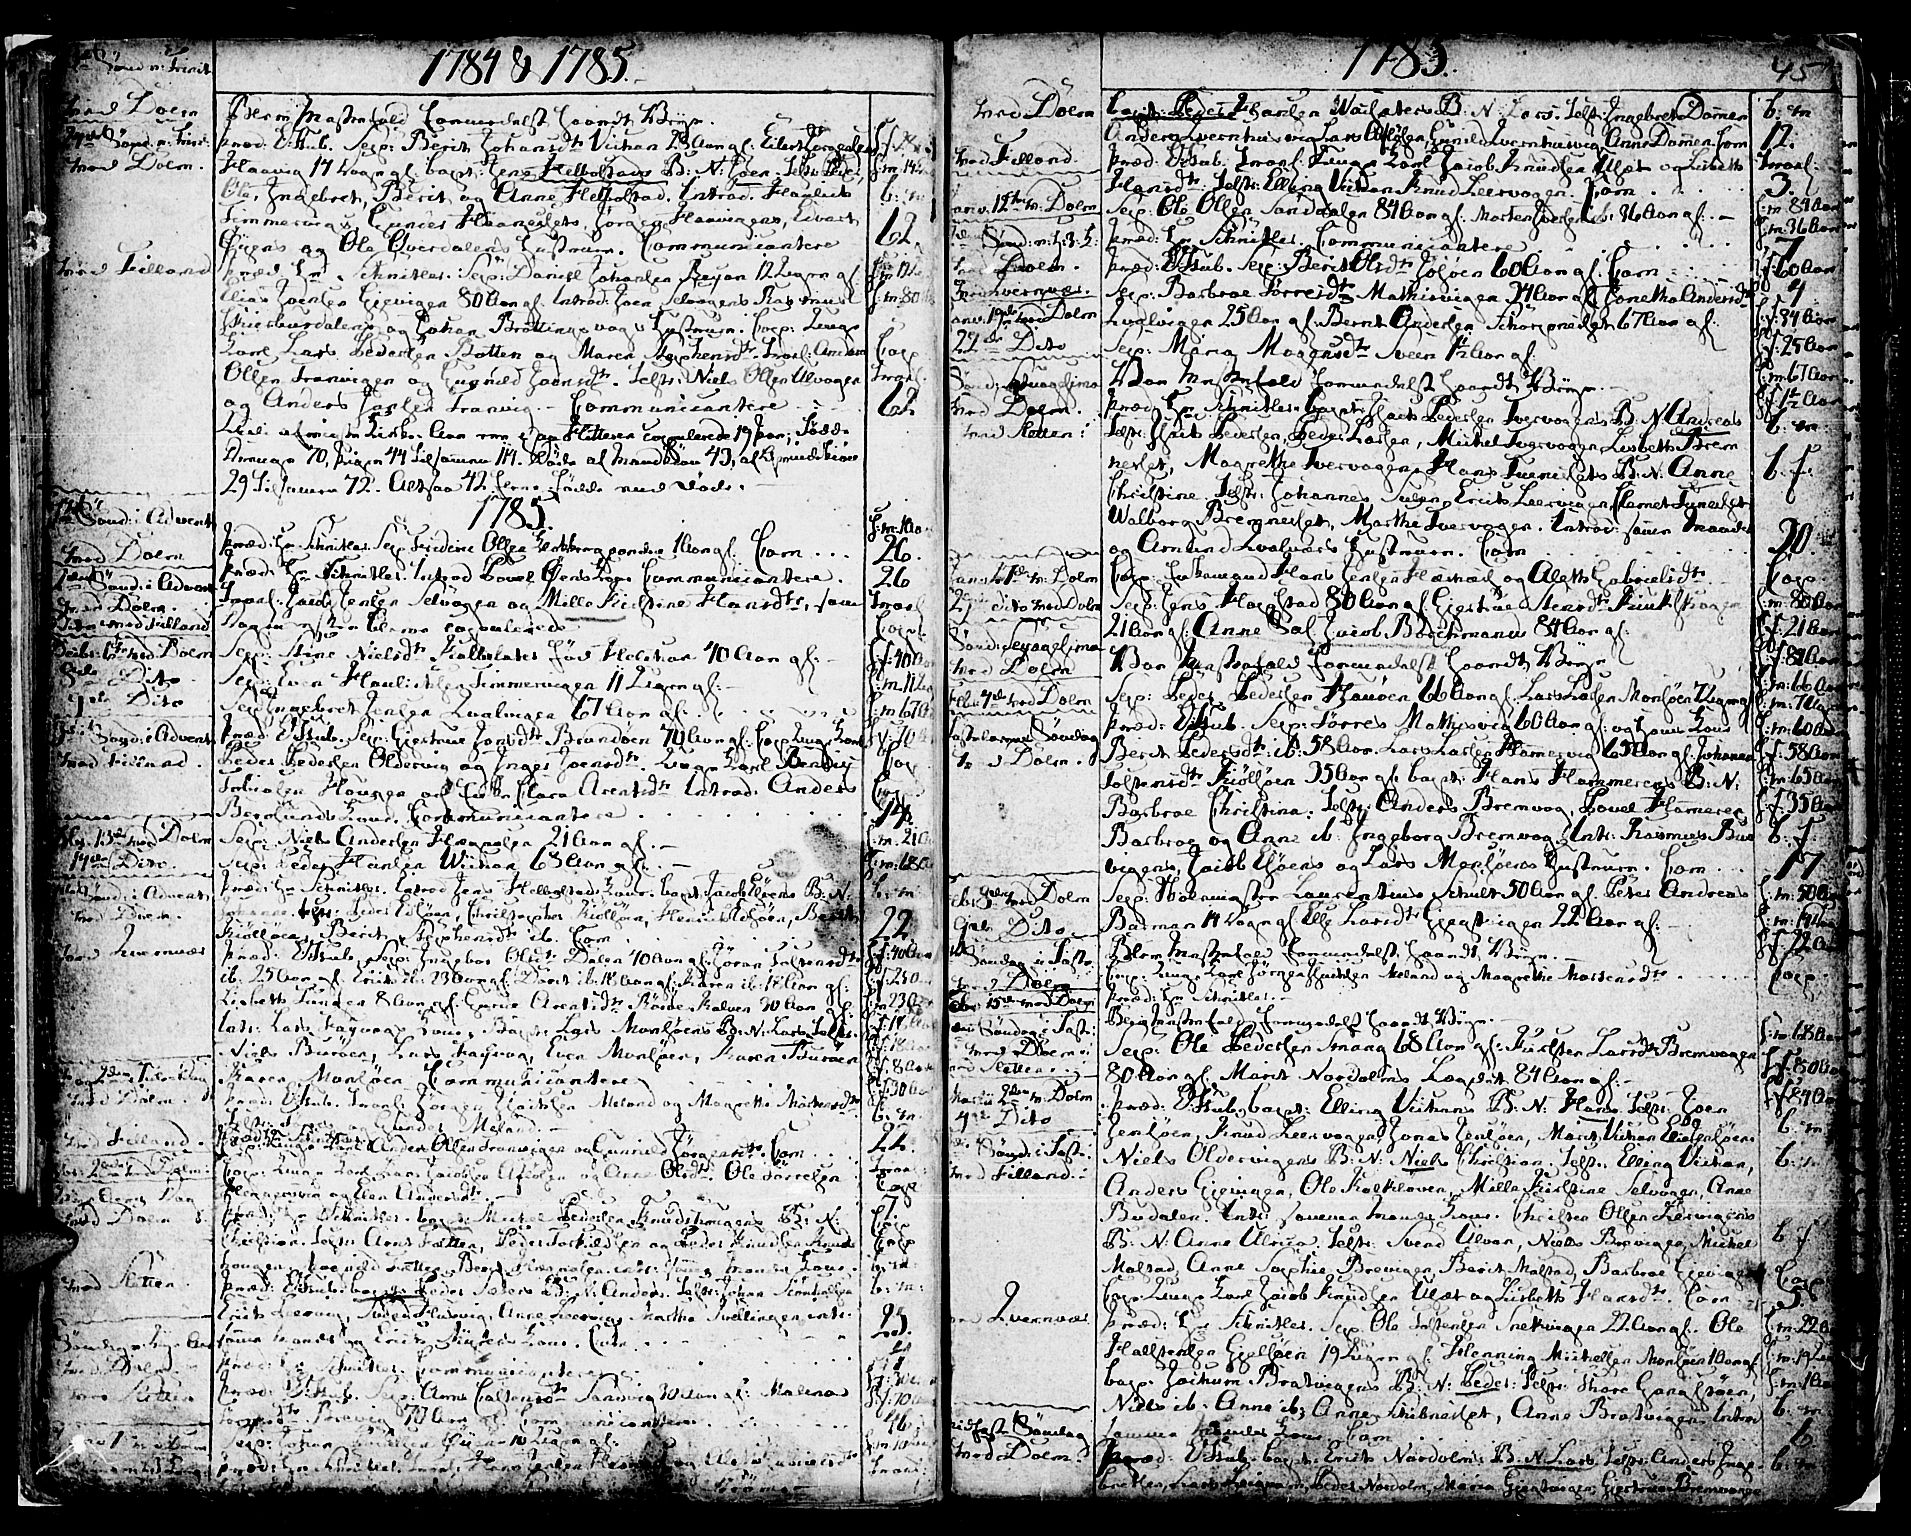 SAT, Ministerialprotokoller, klokkerbøker og fødselsregistre - Sør-Trøndelag, 634/L0526: Ministerialbok nr. 634A02, 1775-1818, s. 45